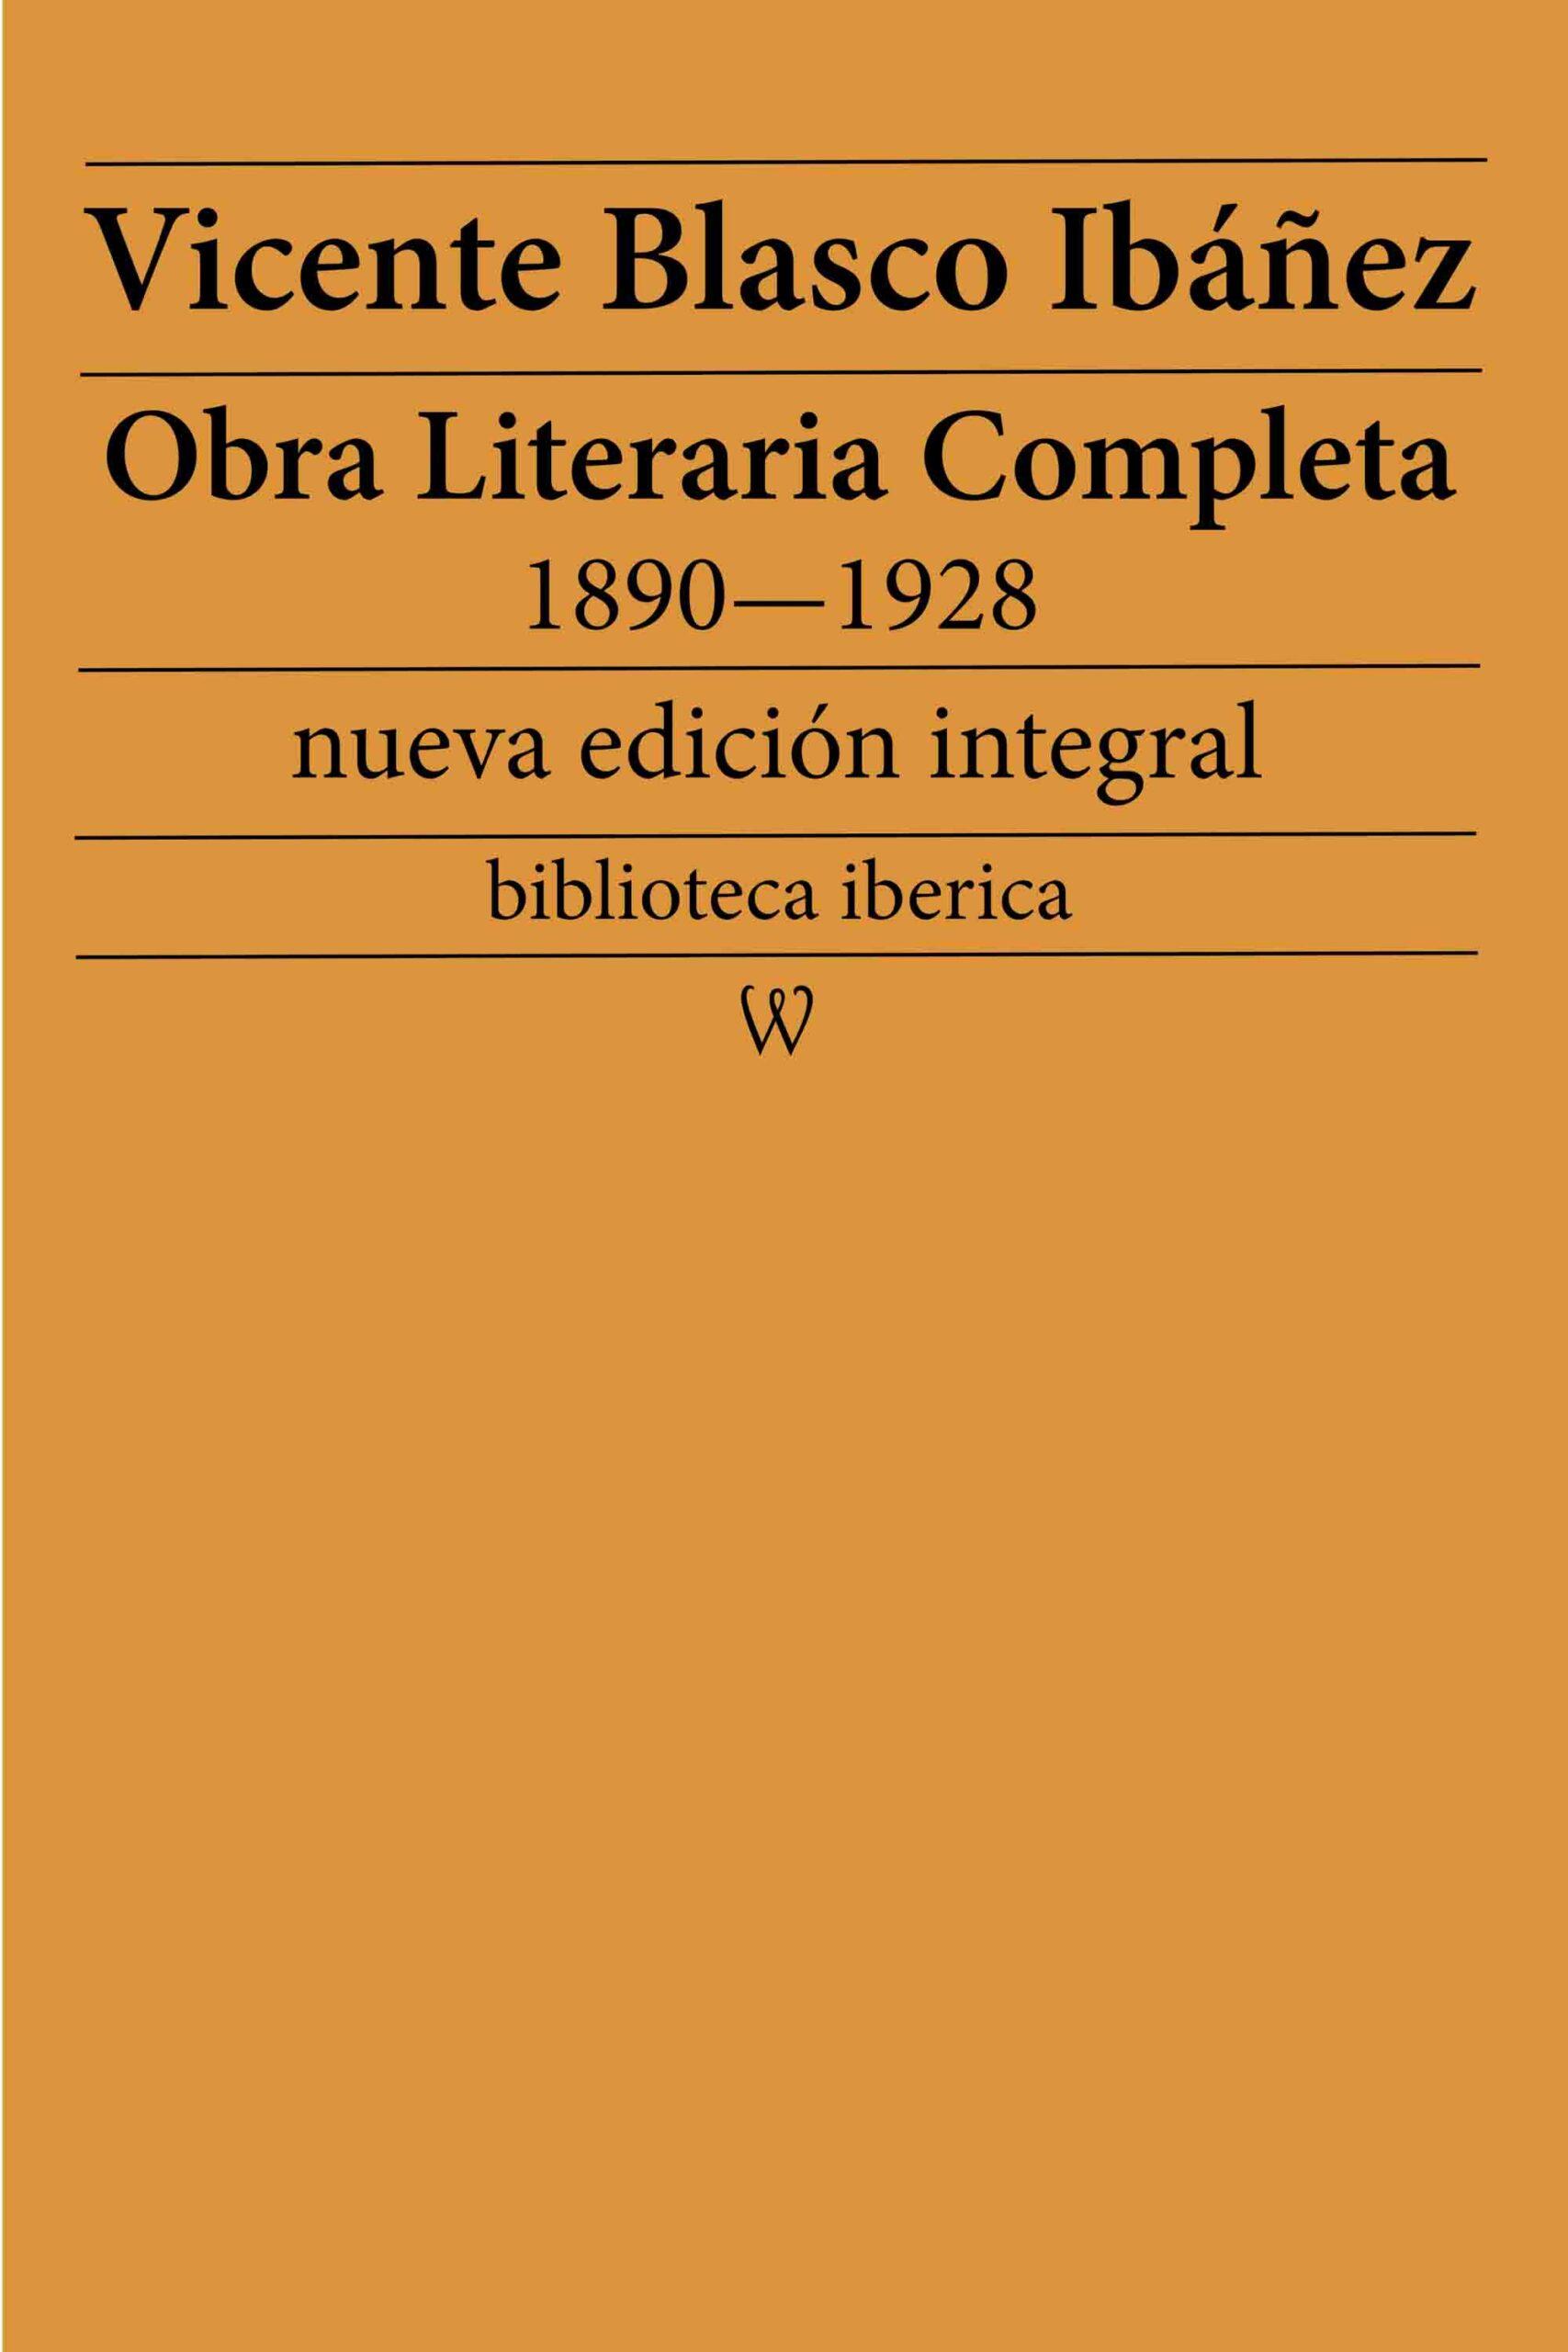 Obra literaria completa de Vicente Blasco Ibáñez 1890—1928 (Novelas y Cuentos)